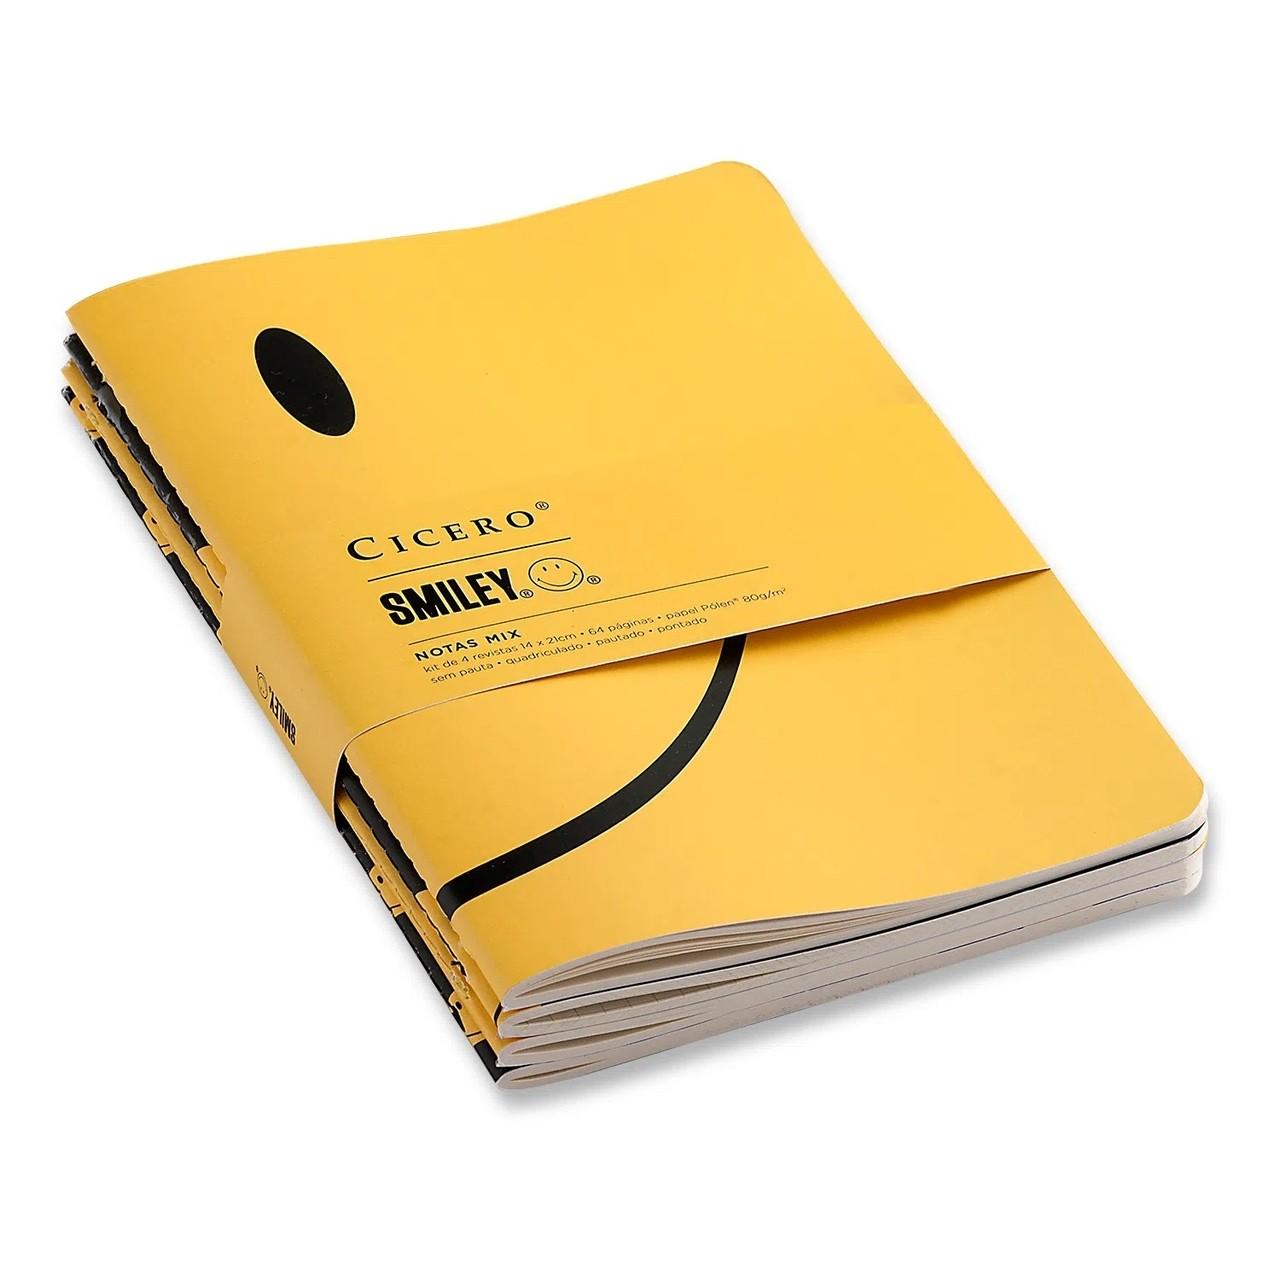 Kit de Revistas Smiley Notas Mix - 14X21 - sortido